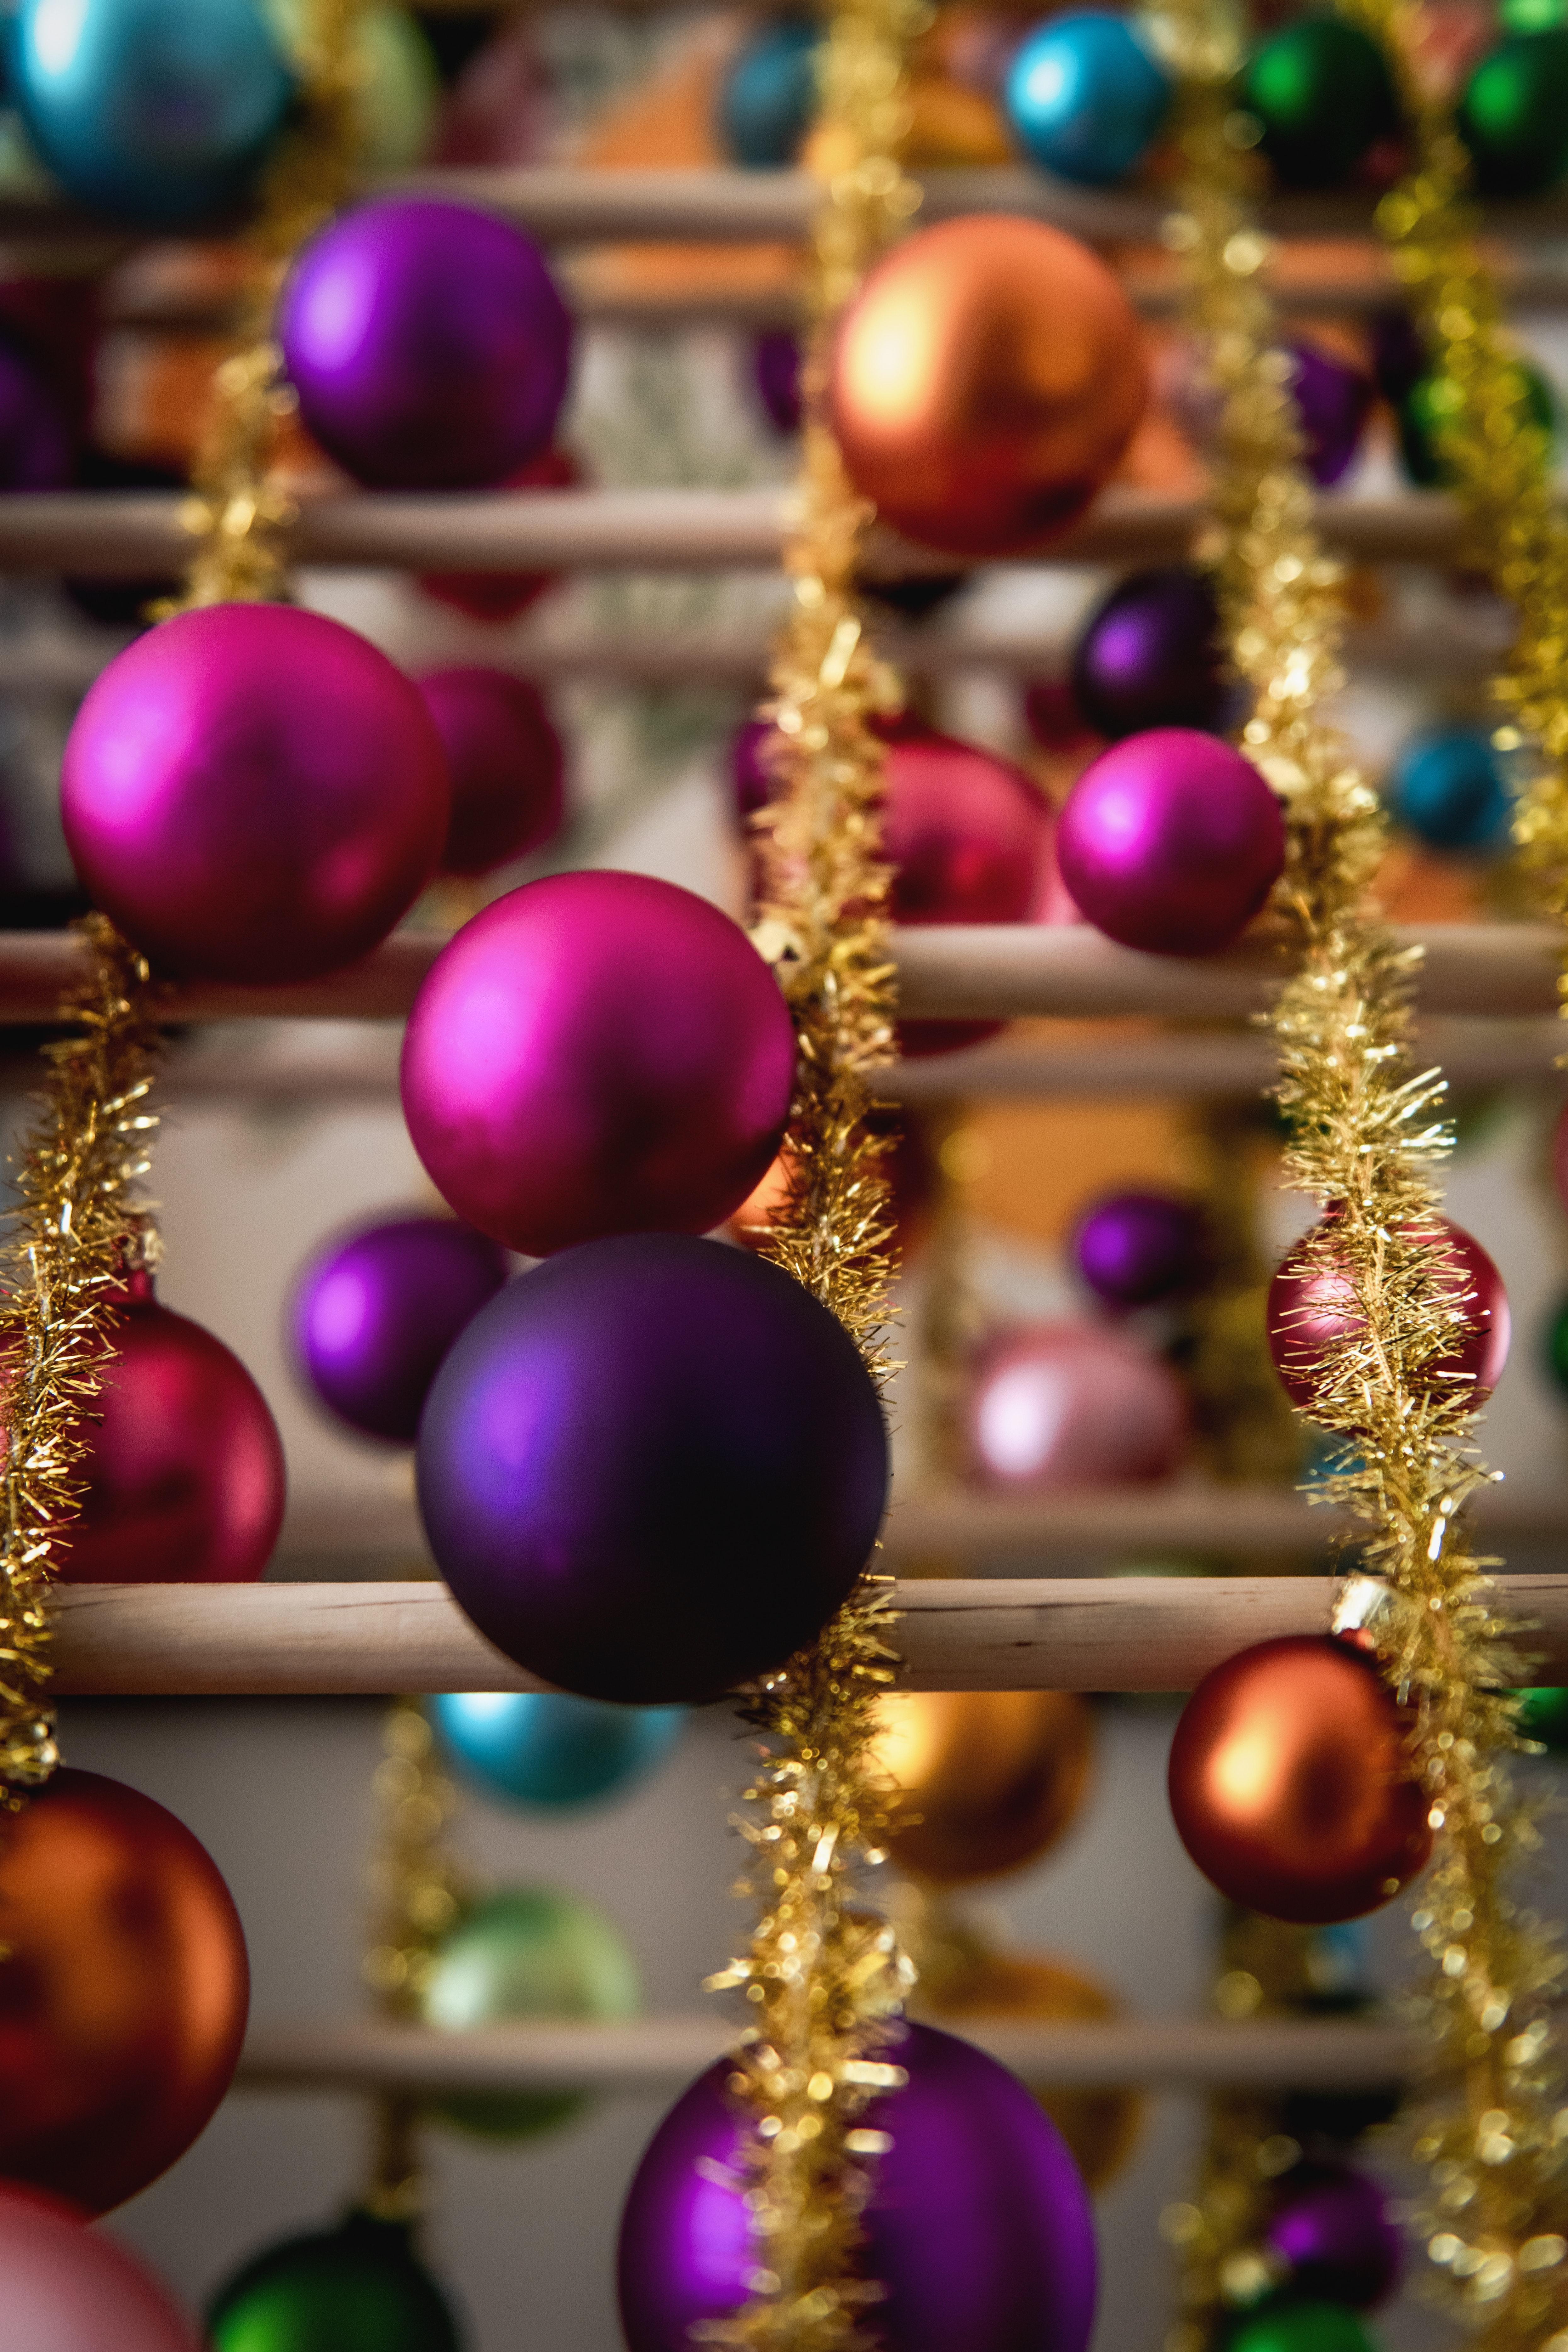 72874 скачать обои Новый Год, Праздники, Украшения, Разноцветный, Рождество, Мишура, Шары - заставки и картинки бесплатно